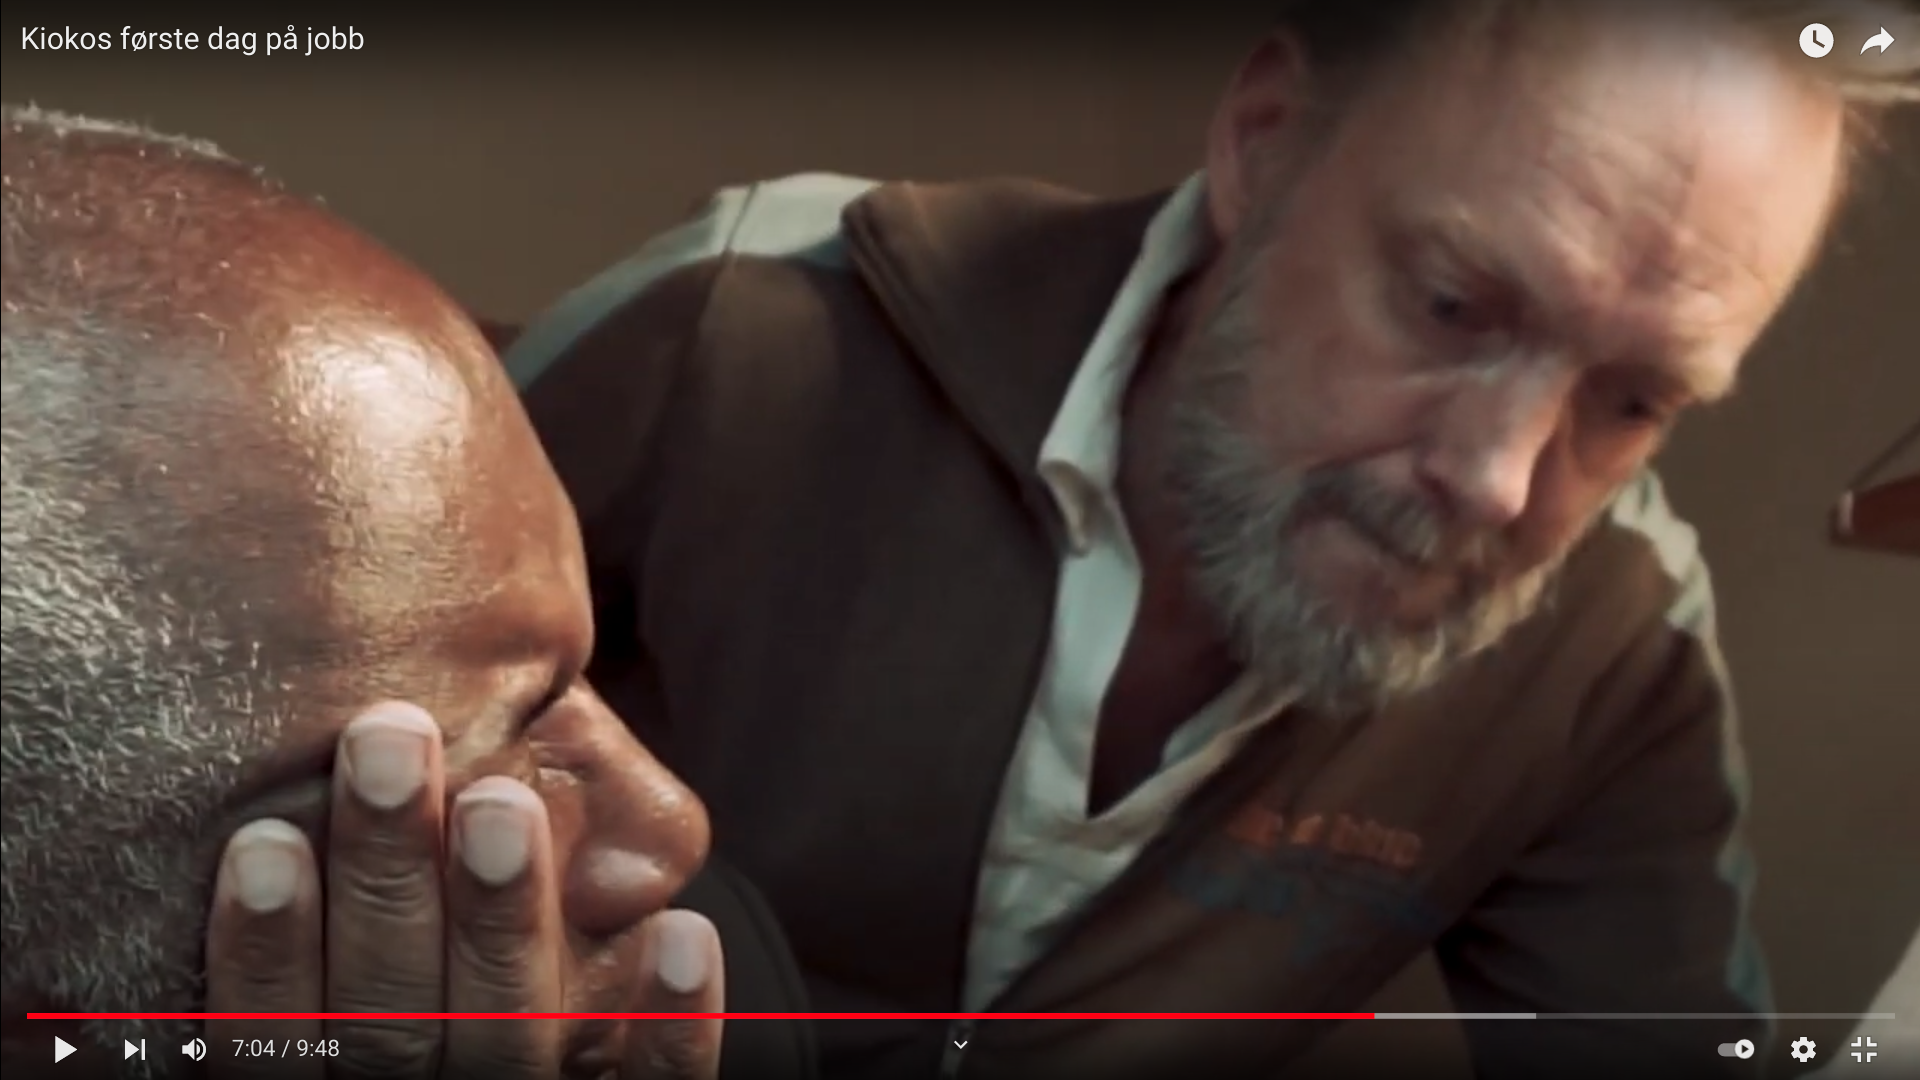 Skjermskudd av videoklipp som viser to menn i dialog